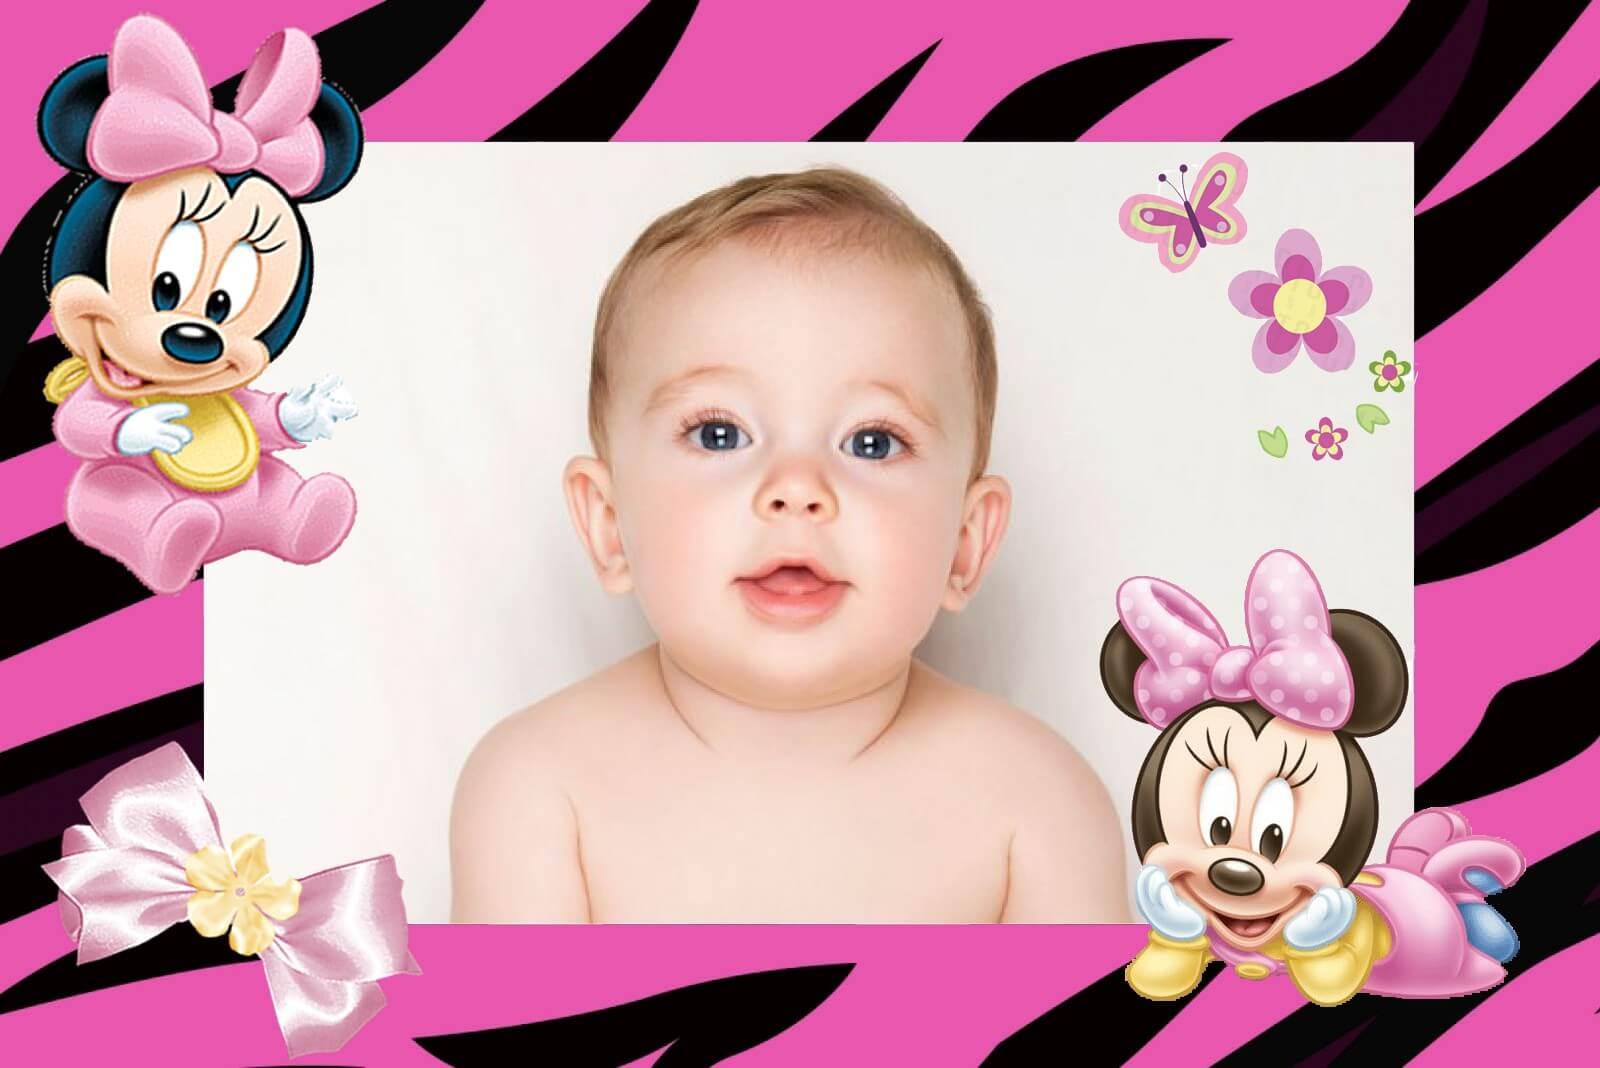 disney-minnie-baby-fundo-zebrado-em-cor-de-rosa-e-preto